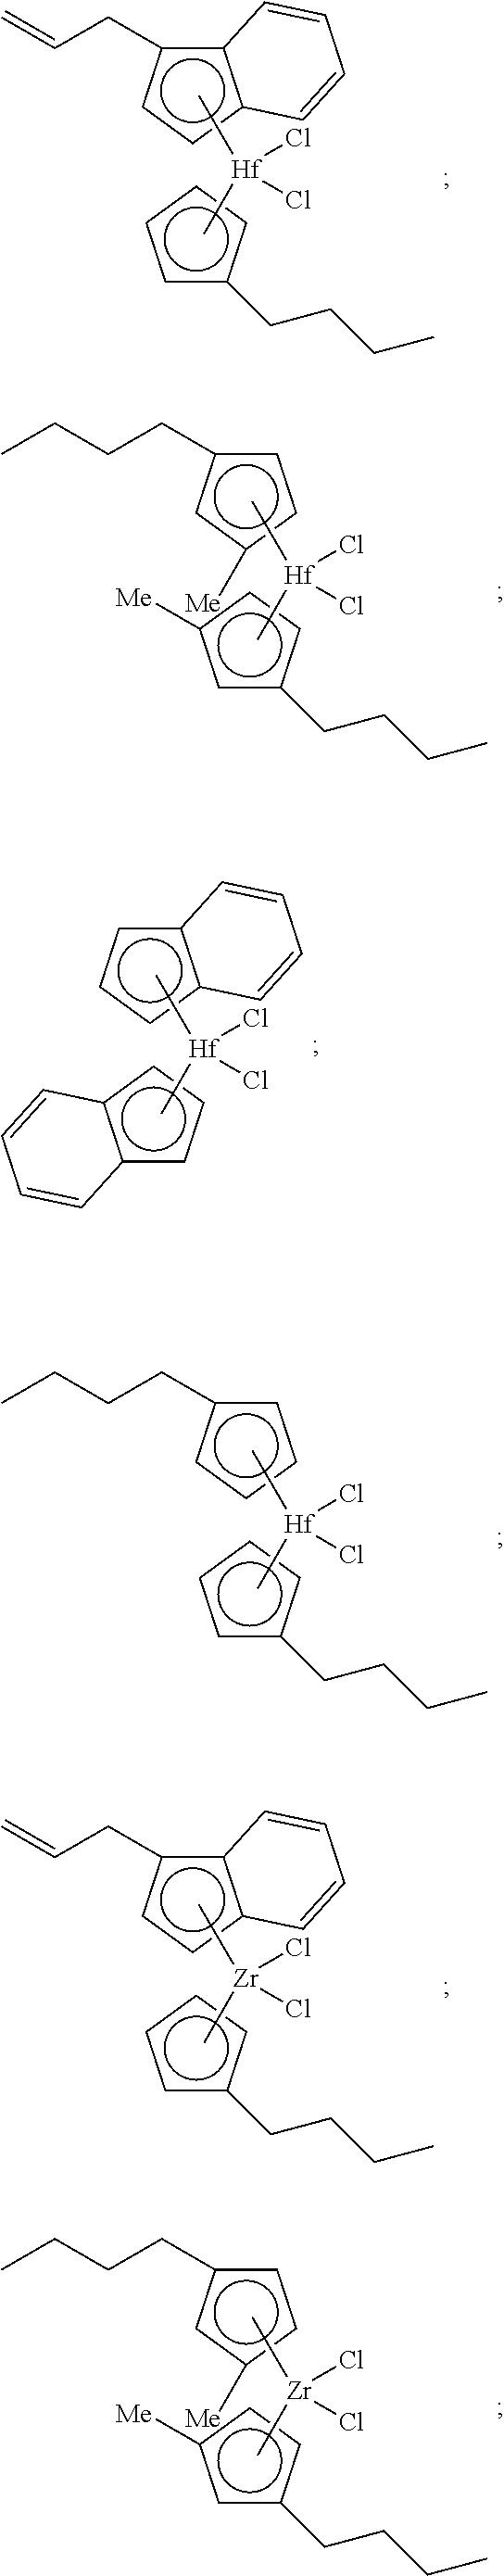 Figure US08288487-20121016-C00046